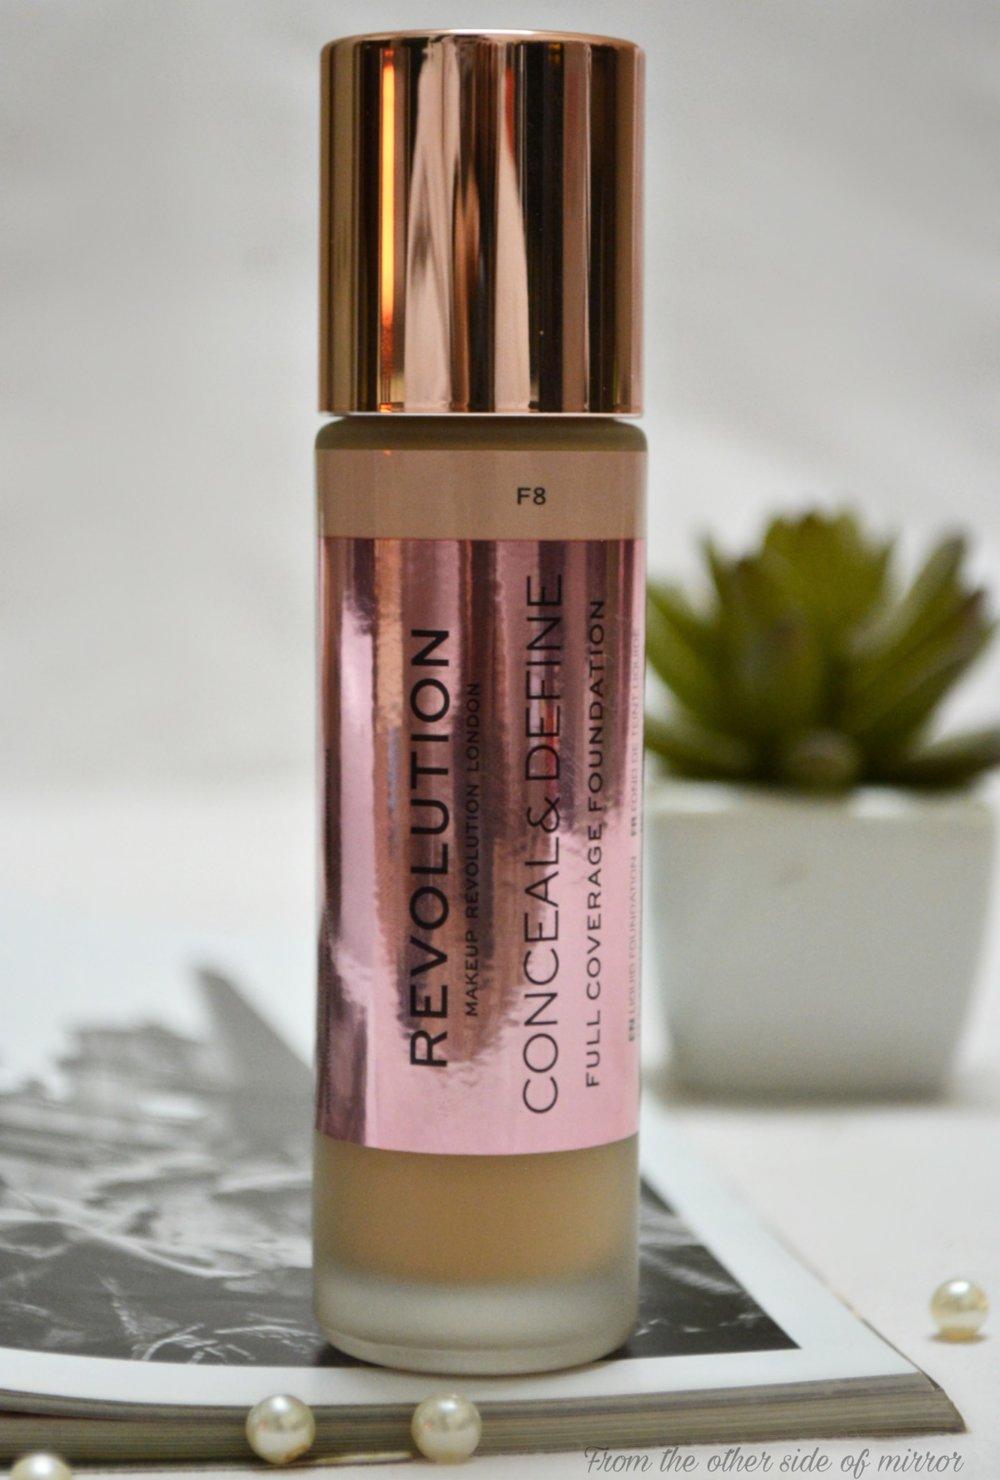 MakeupRevolution Conceal & Define Foundation - F8